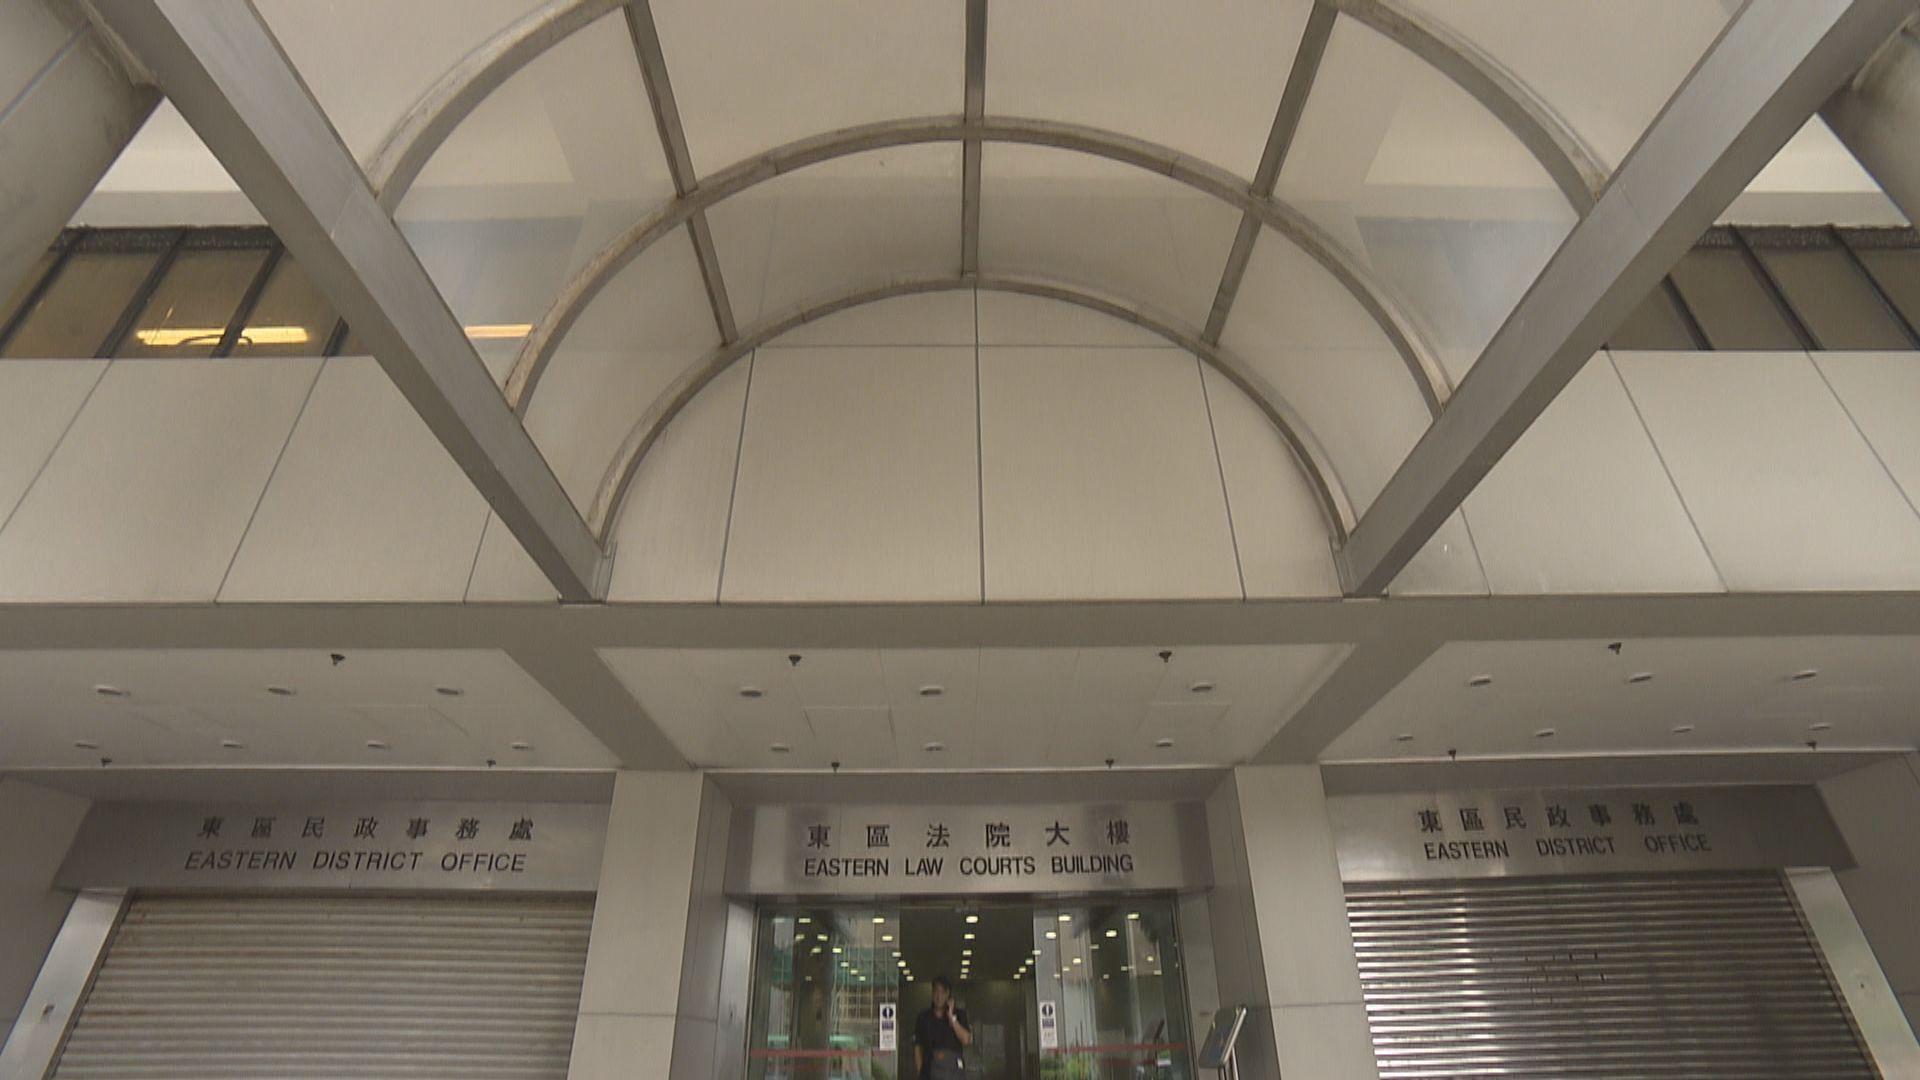 美籍律師前年12月銅鑼灣港鐵站襲警罪成 須還柙候判